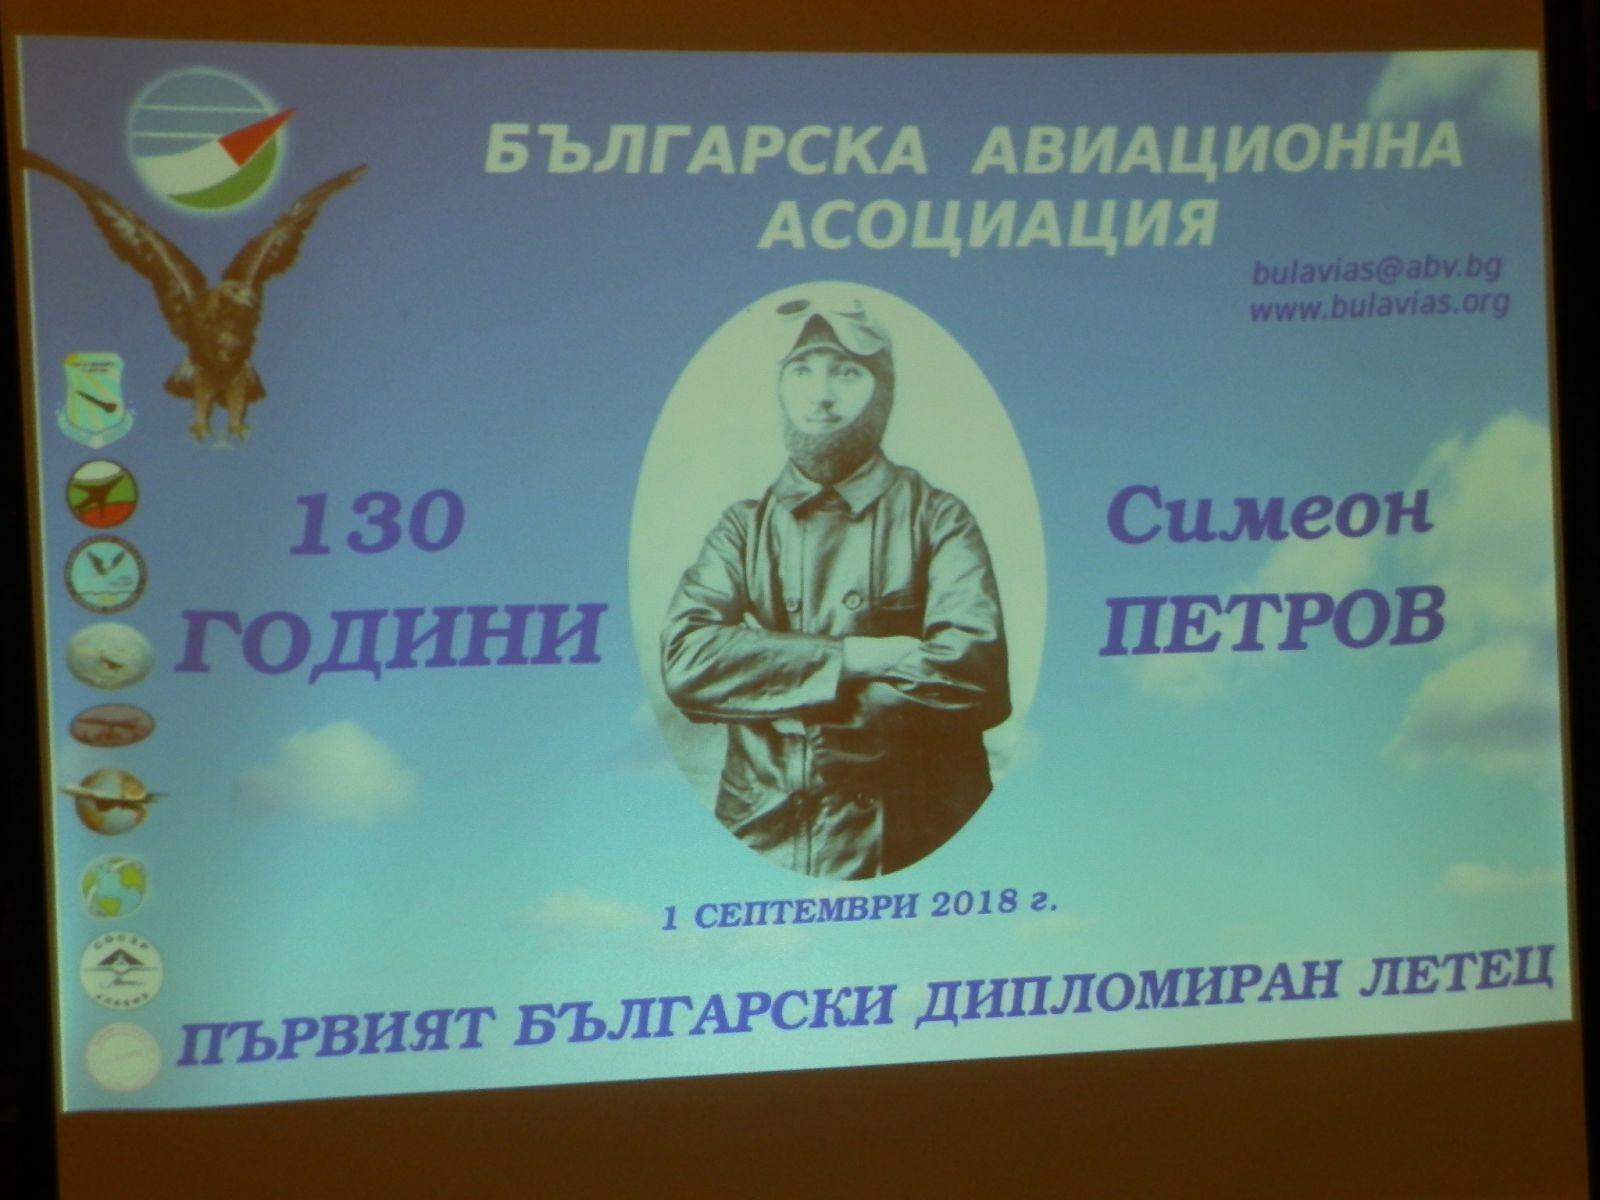 Валидираха пощенска карта за 130 г. от рождението на български авиационен първопроходец майор Симеон Петров